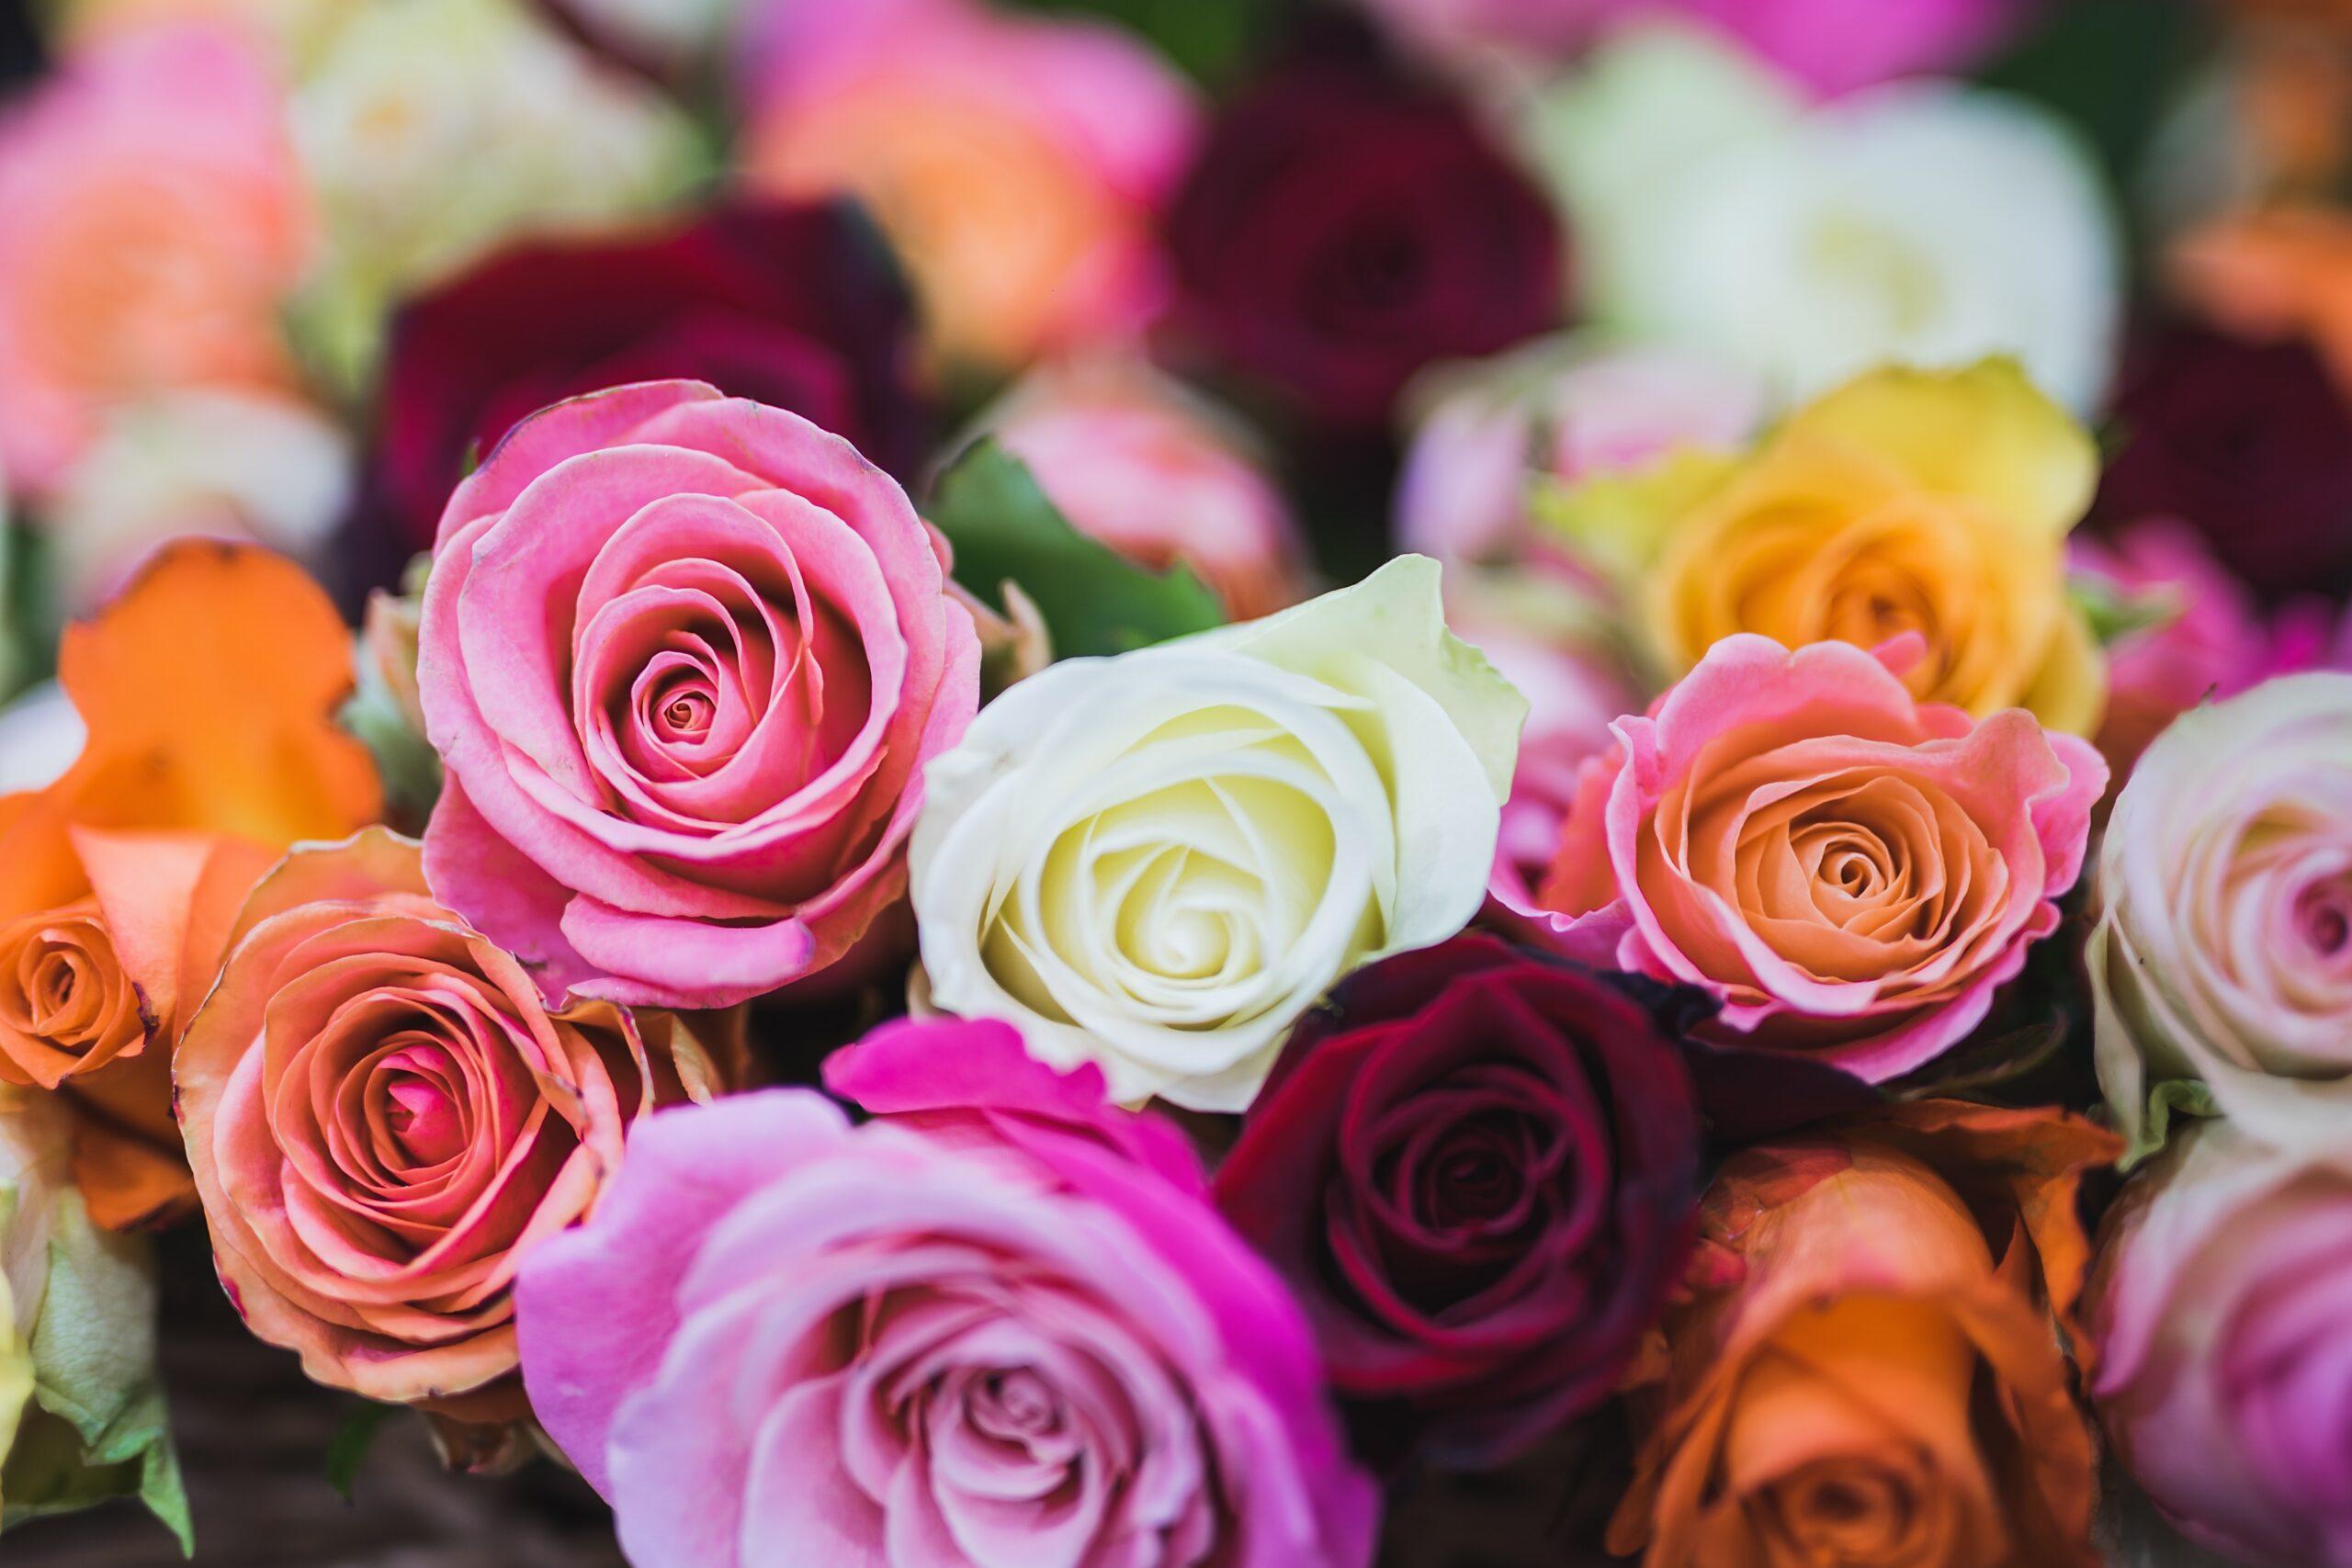 Exportación de flores colombianas, un mercado en constate evolución